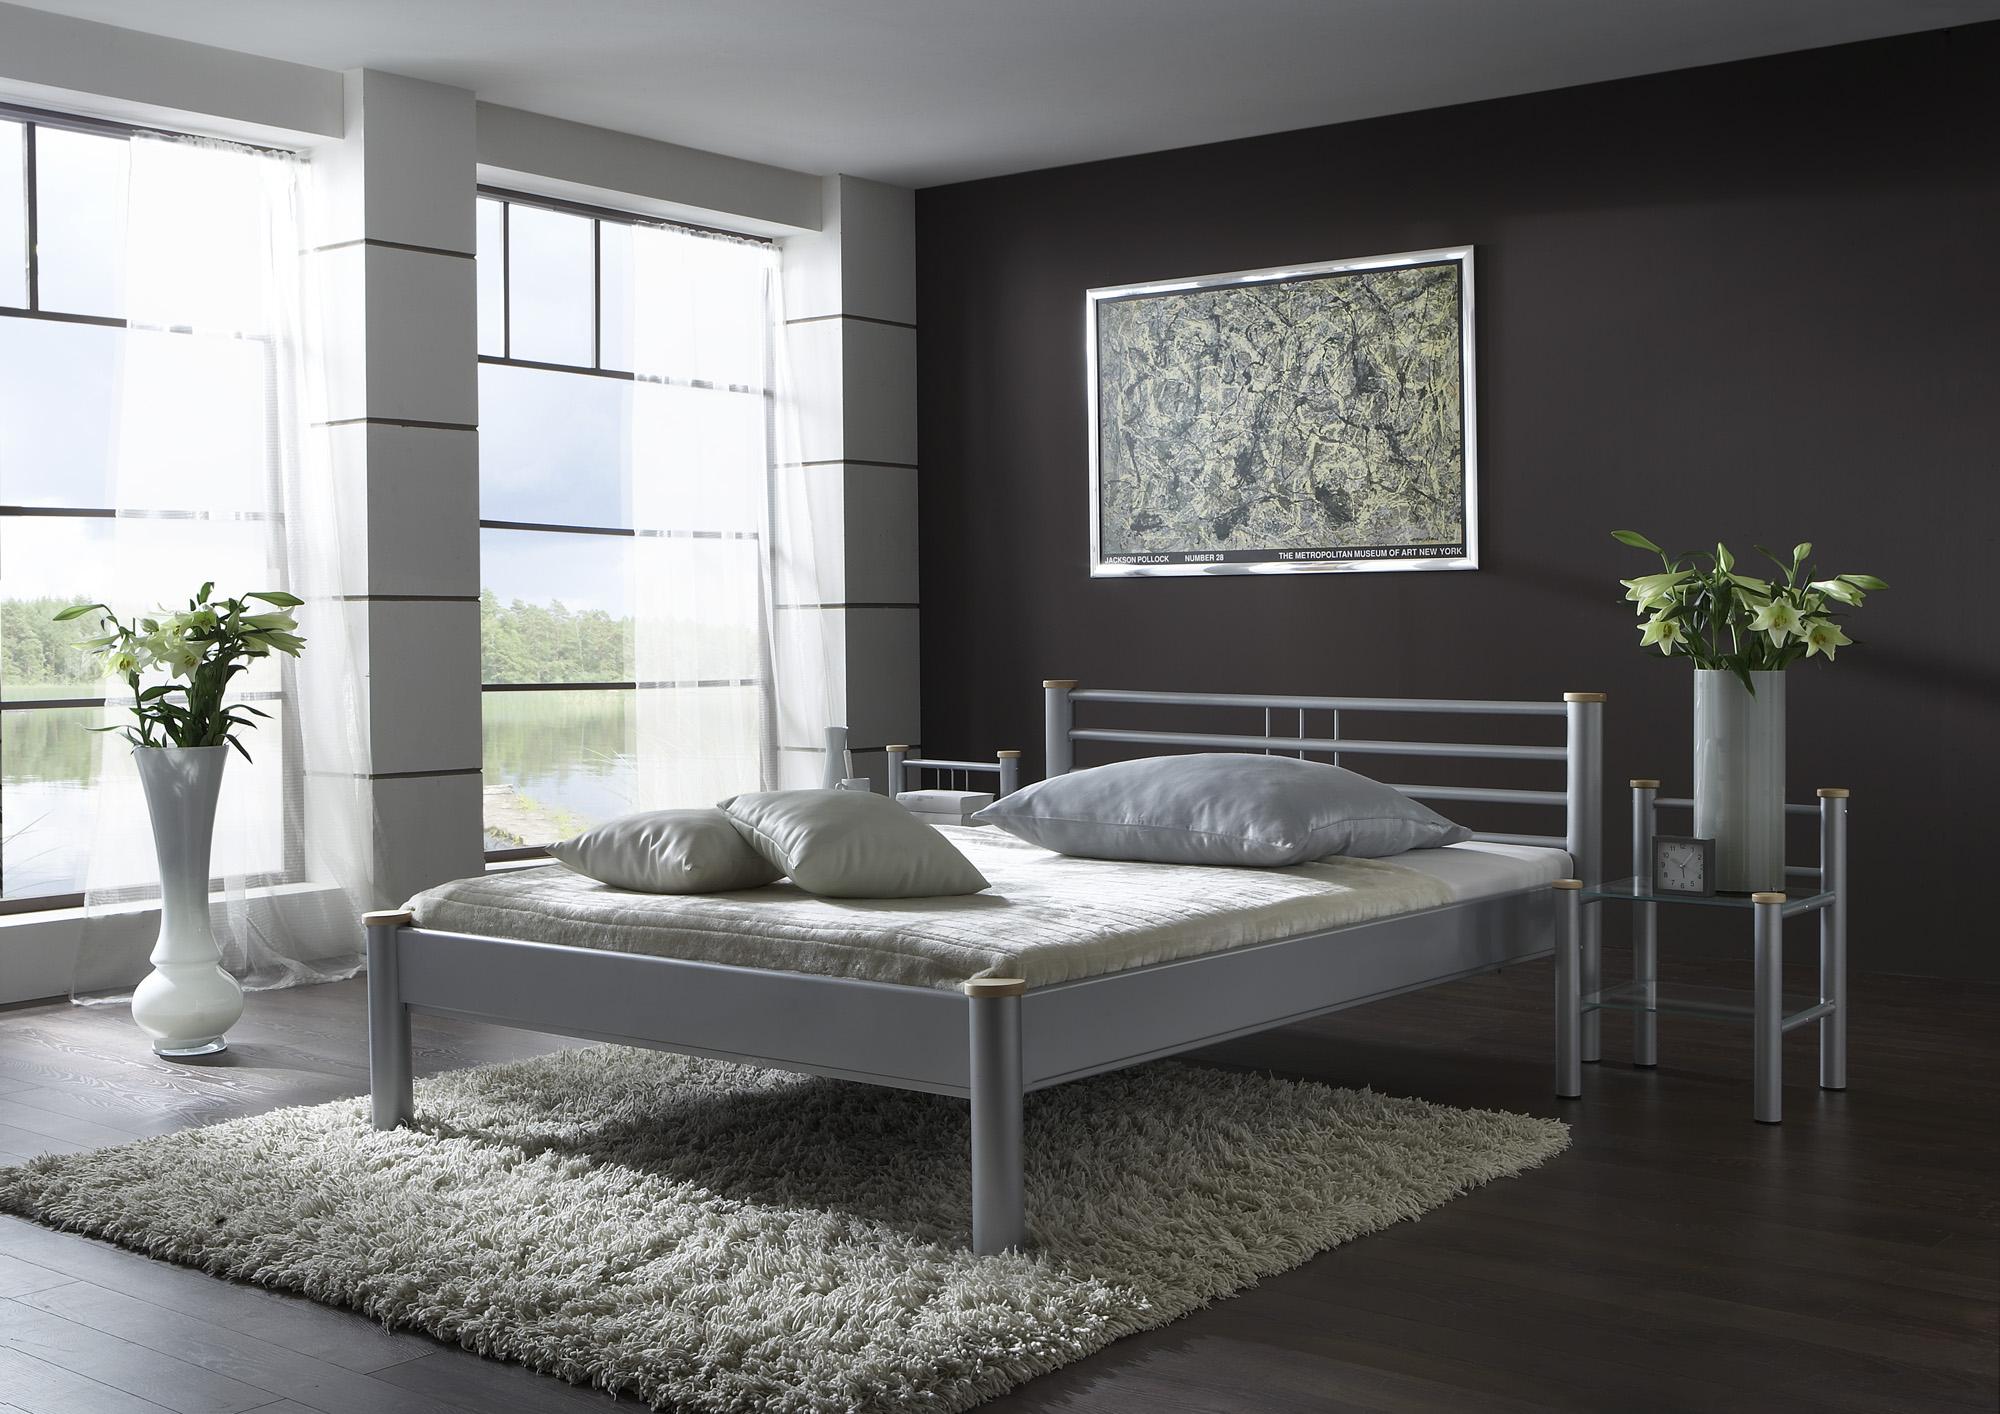 Schlafzimmer betten metall und eisenbetten   b2b trade